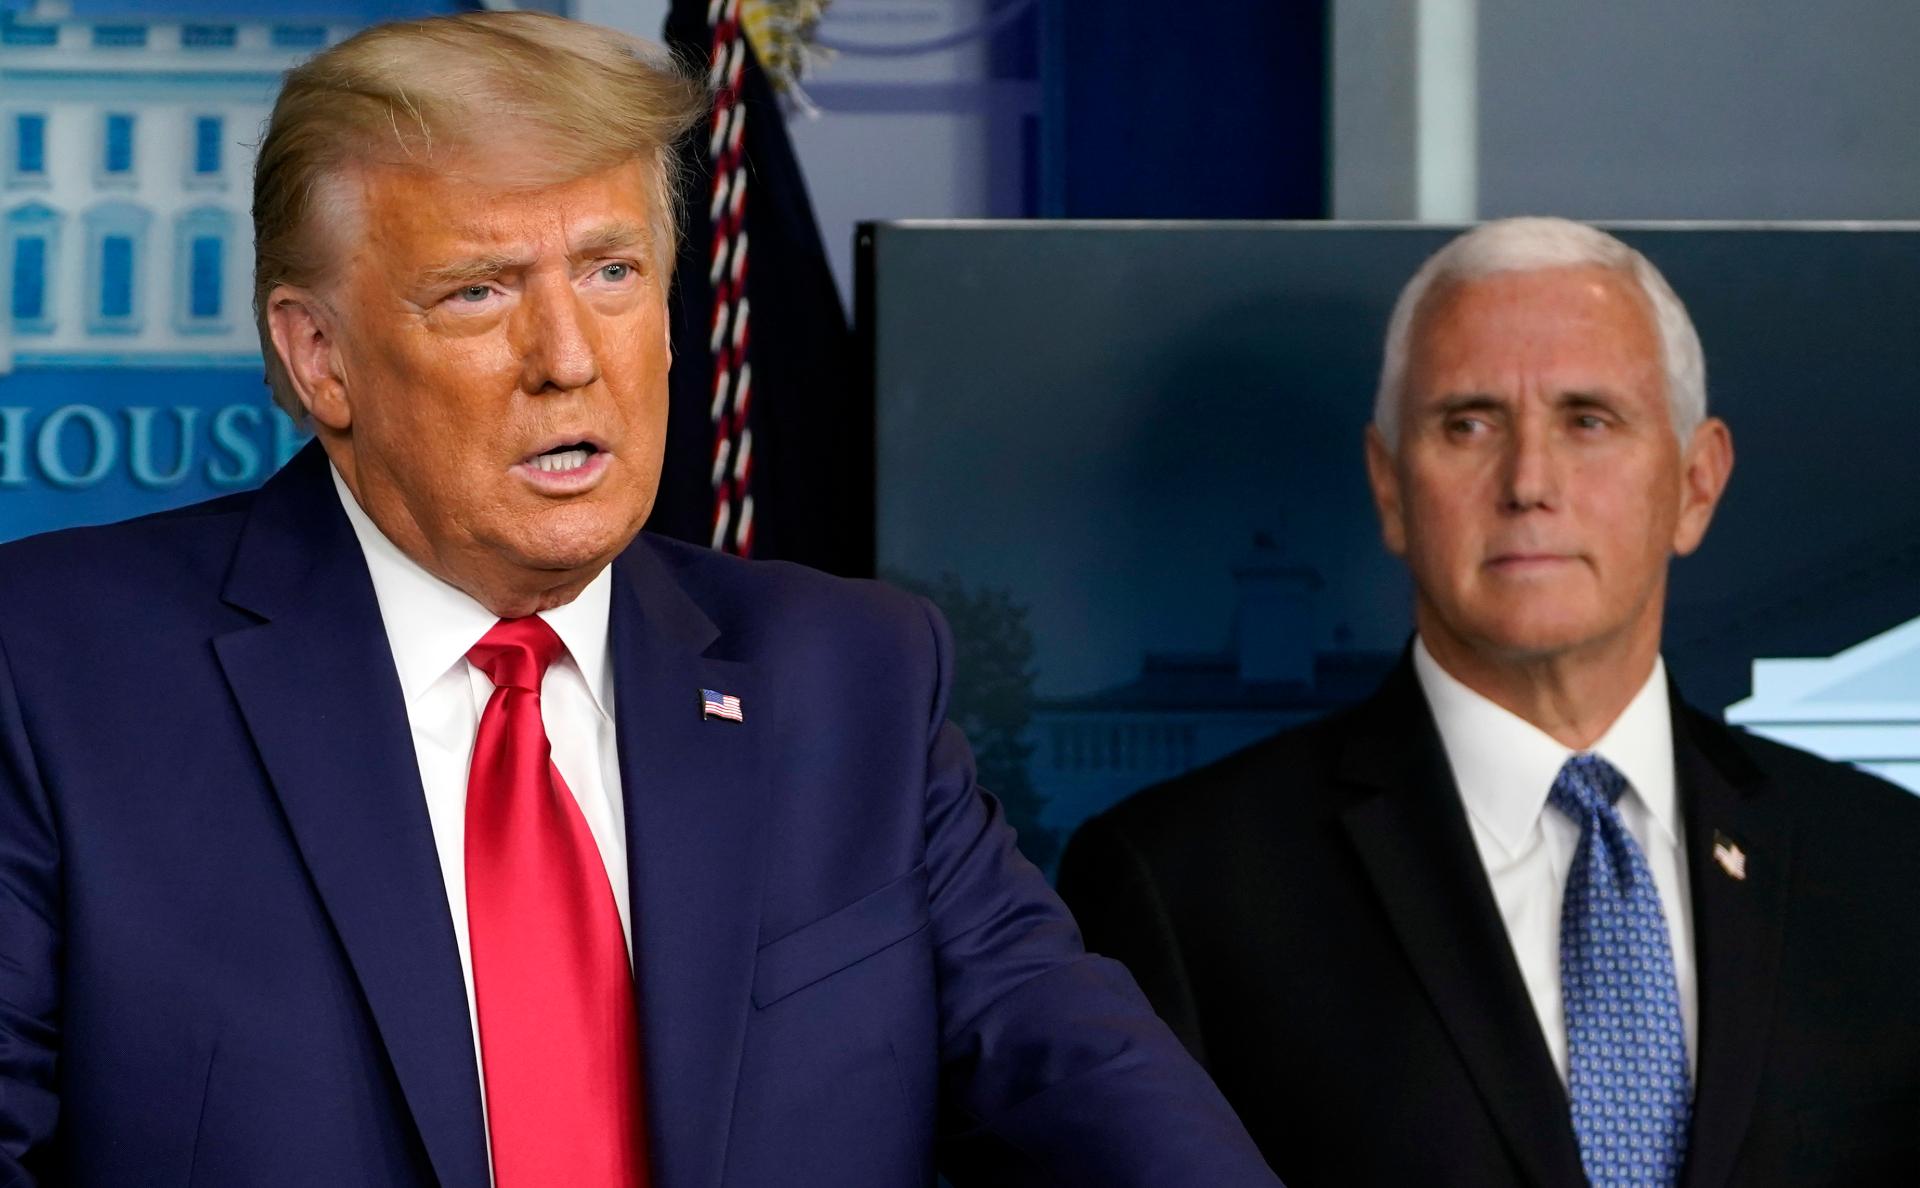 CNN узнал об обсуждении Пенсом возможности отстранения Трампа